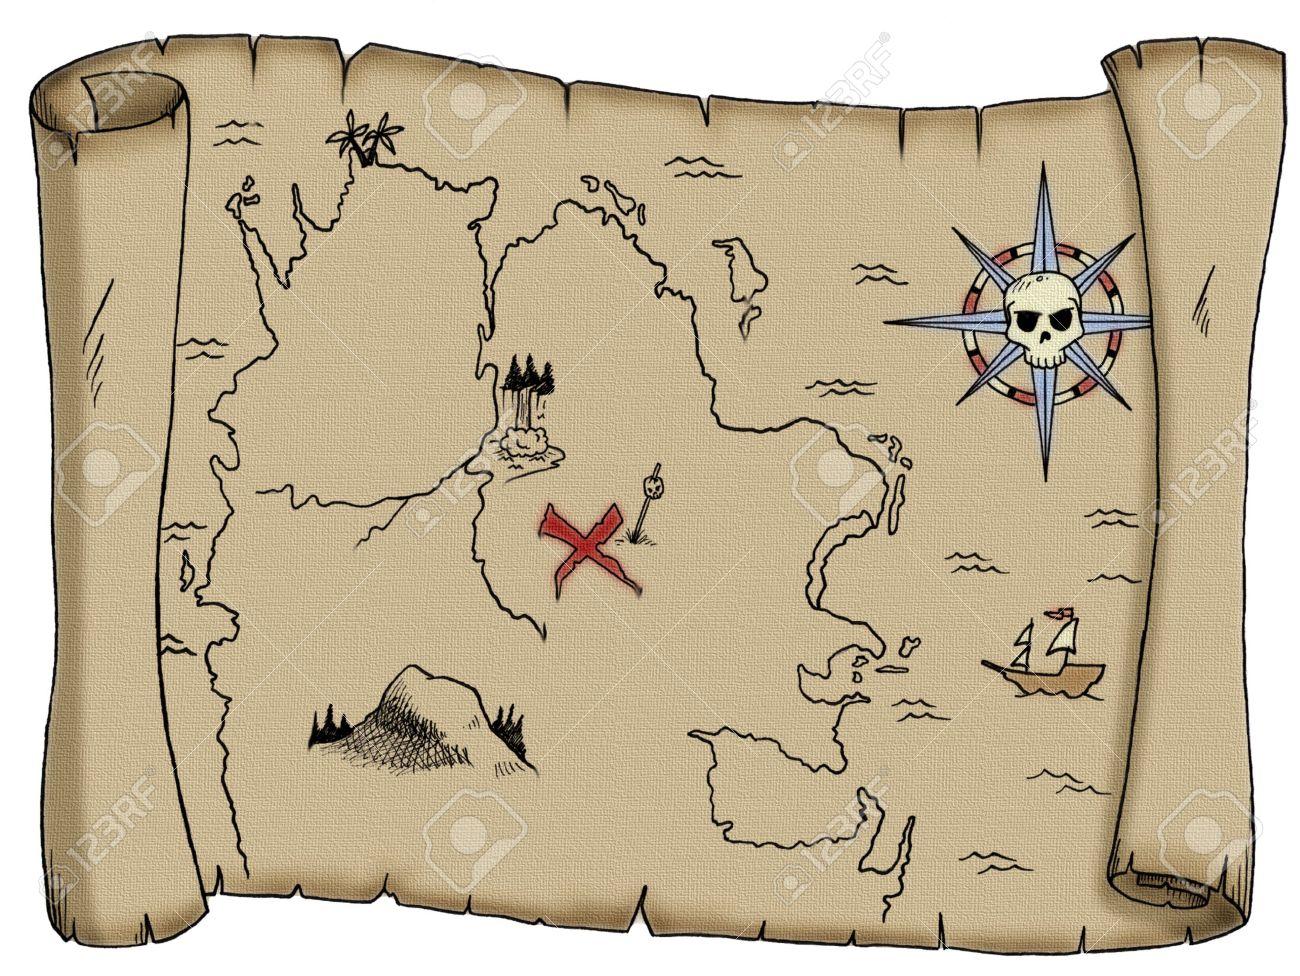 Carte Au Tresor Pirate.Une Carte Au Tresor Pirate Tattered Vierge